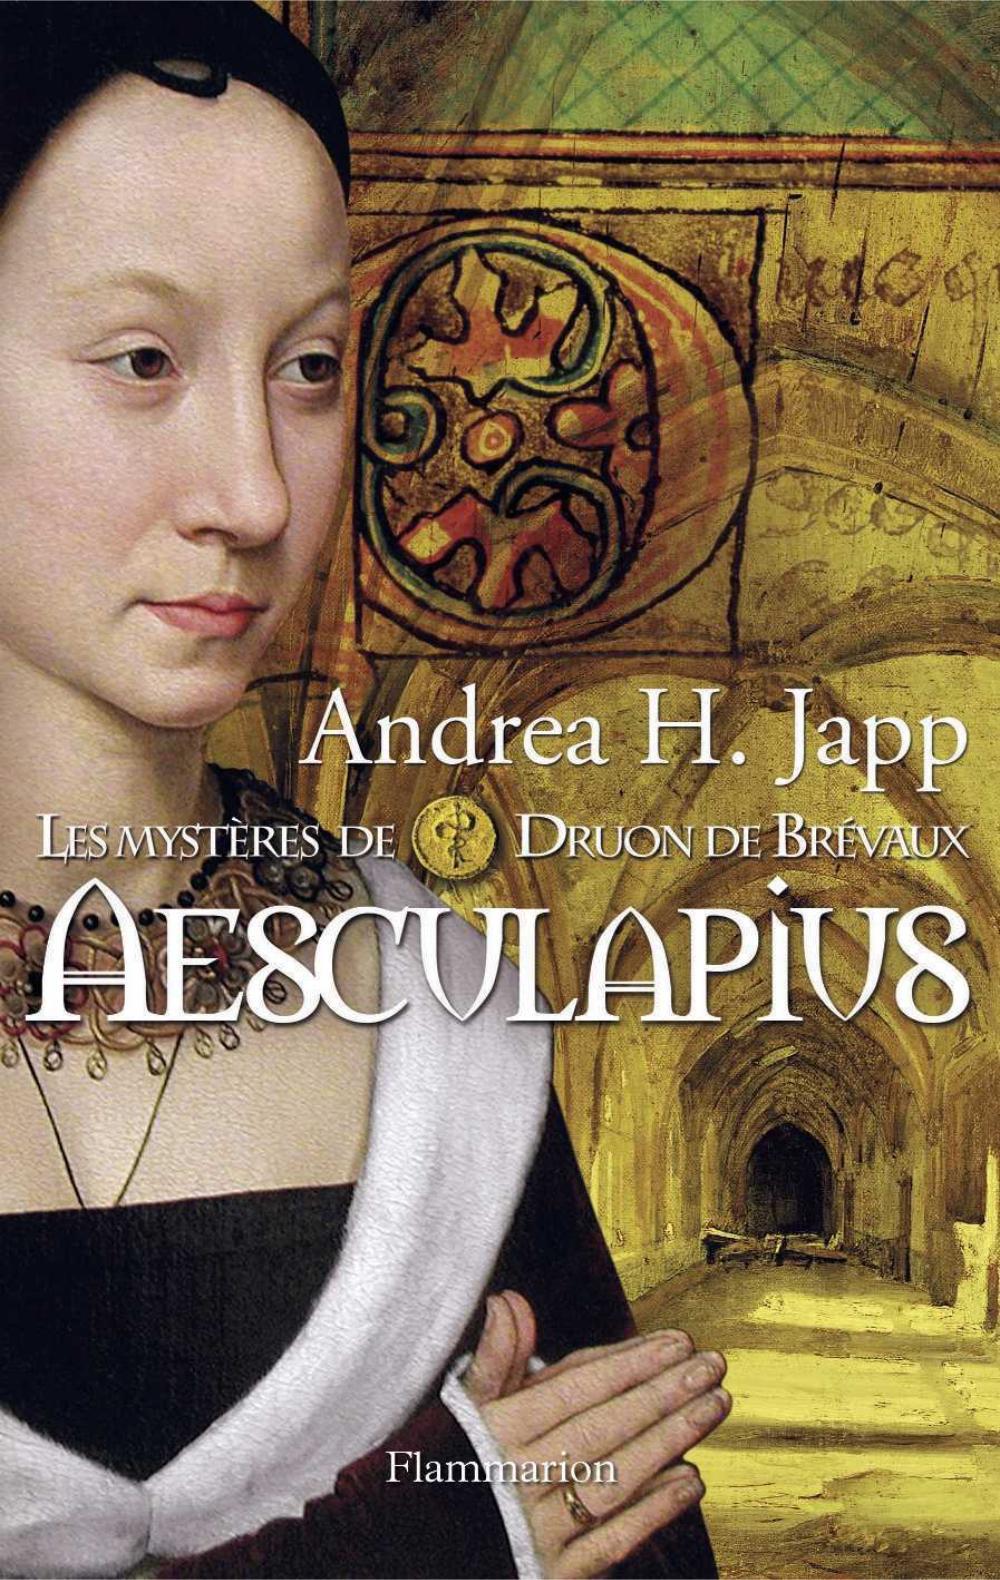 Les mystères de Druon de Brévaux (Tome 1) - Esculapes | Japp, Andrea H.